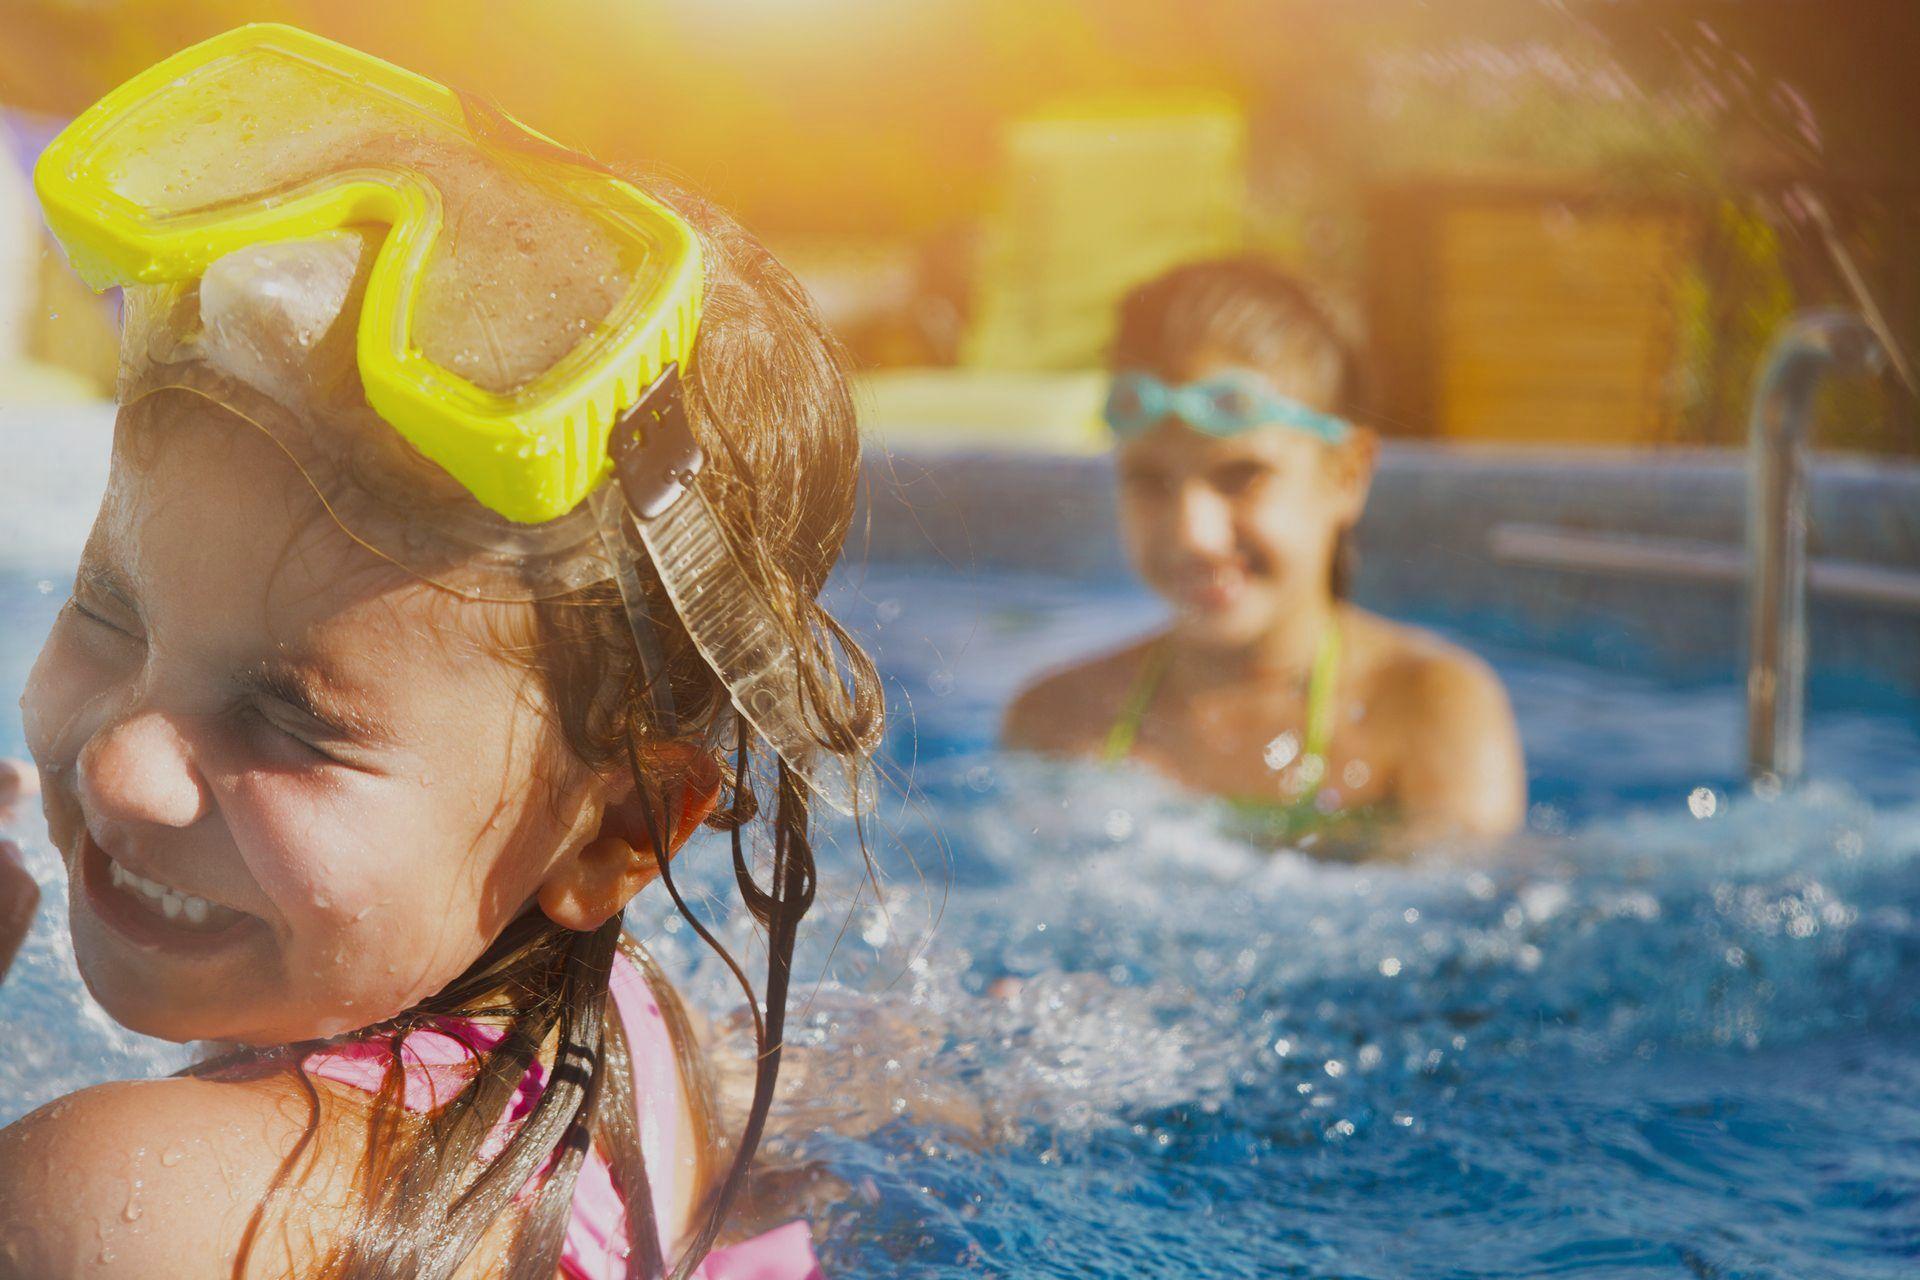 About Pool Leak Detection & Repair